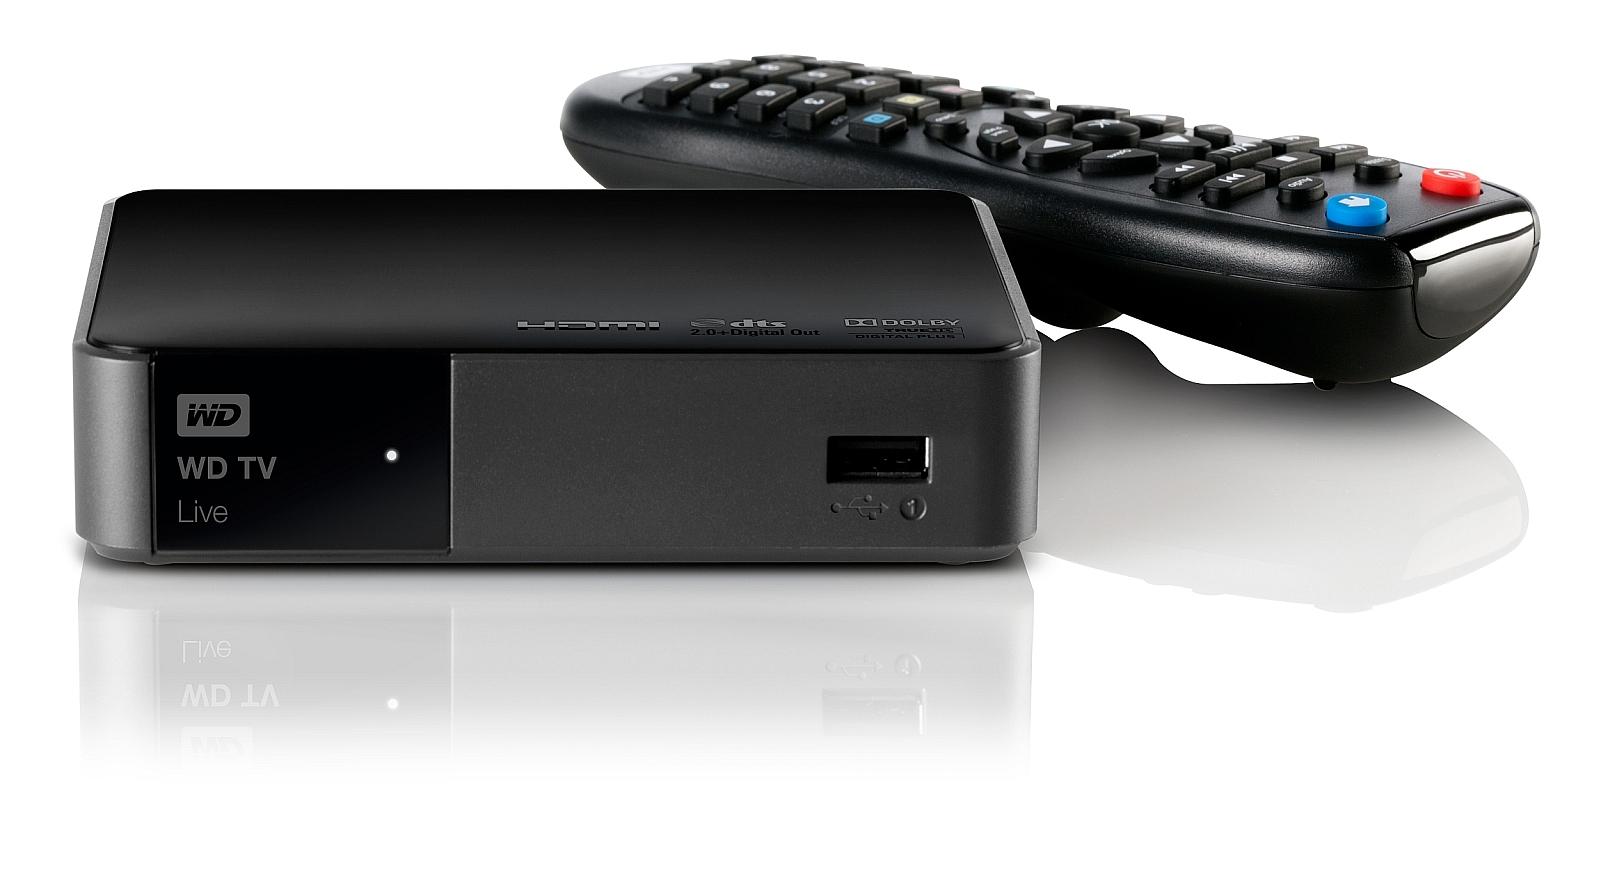 Wd Tv Live Nowy Streamer Multimedi W Czy Warto